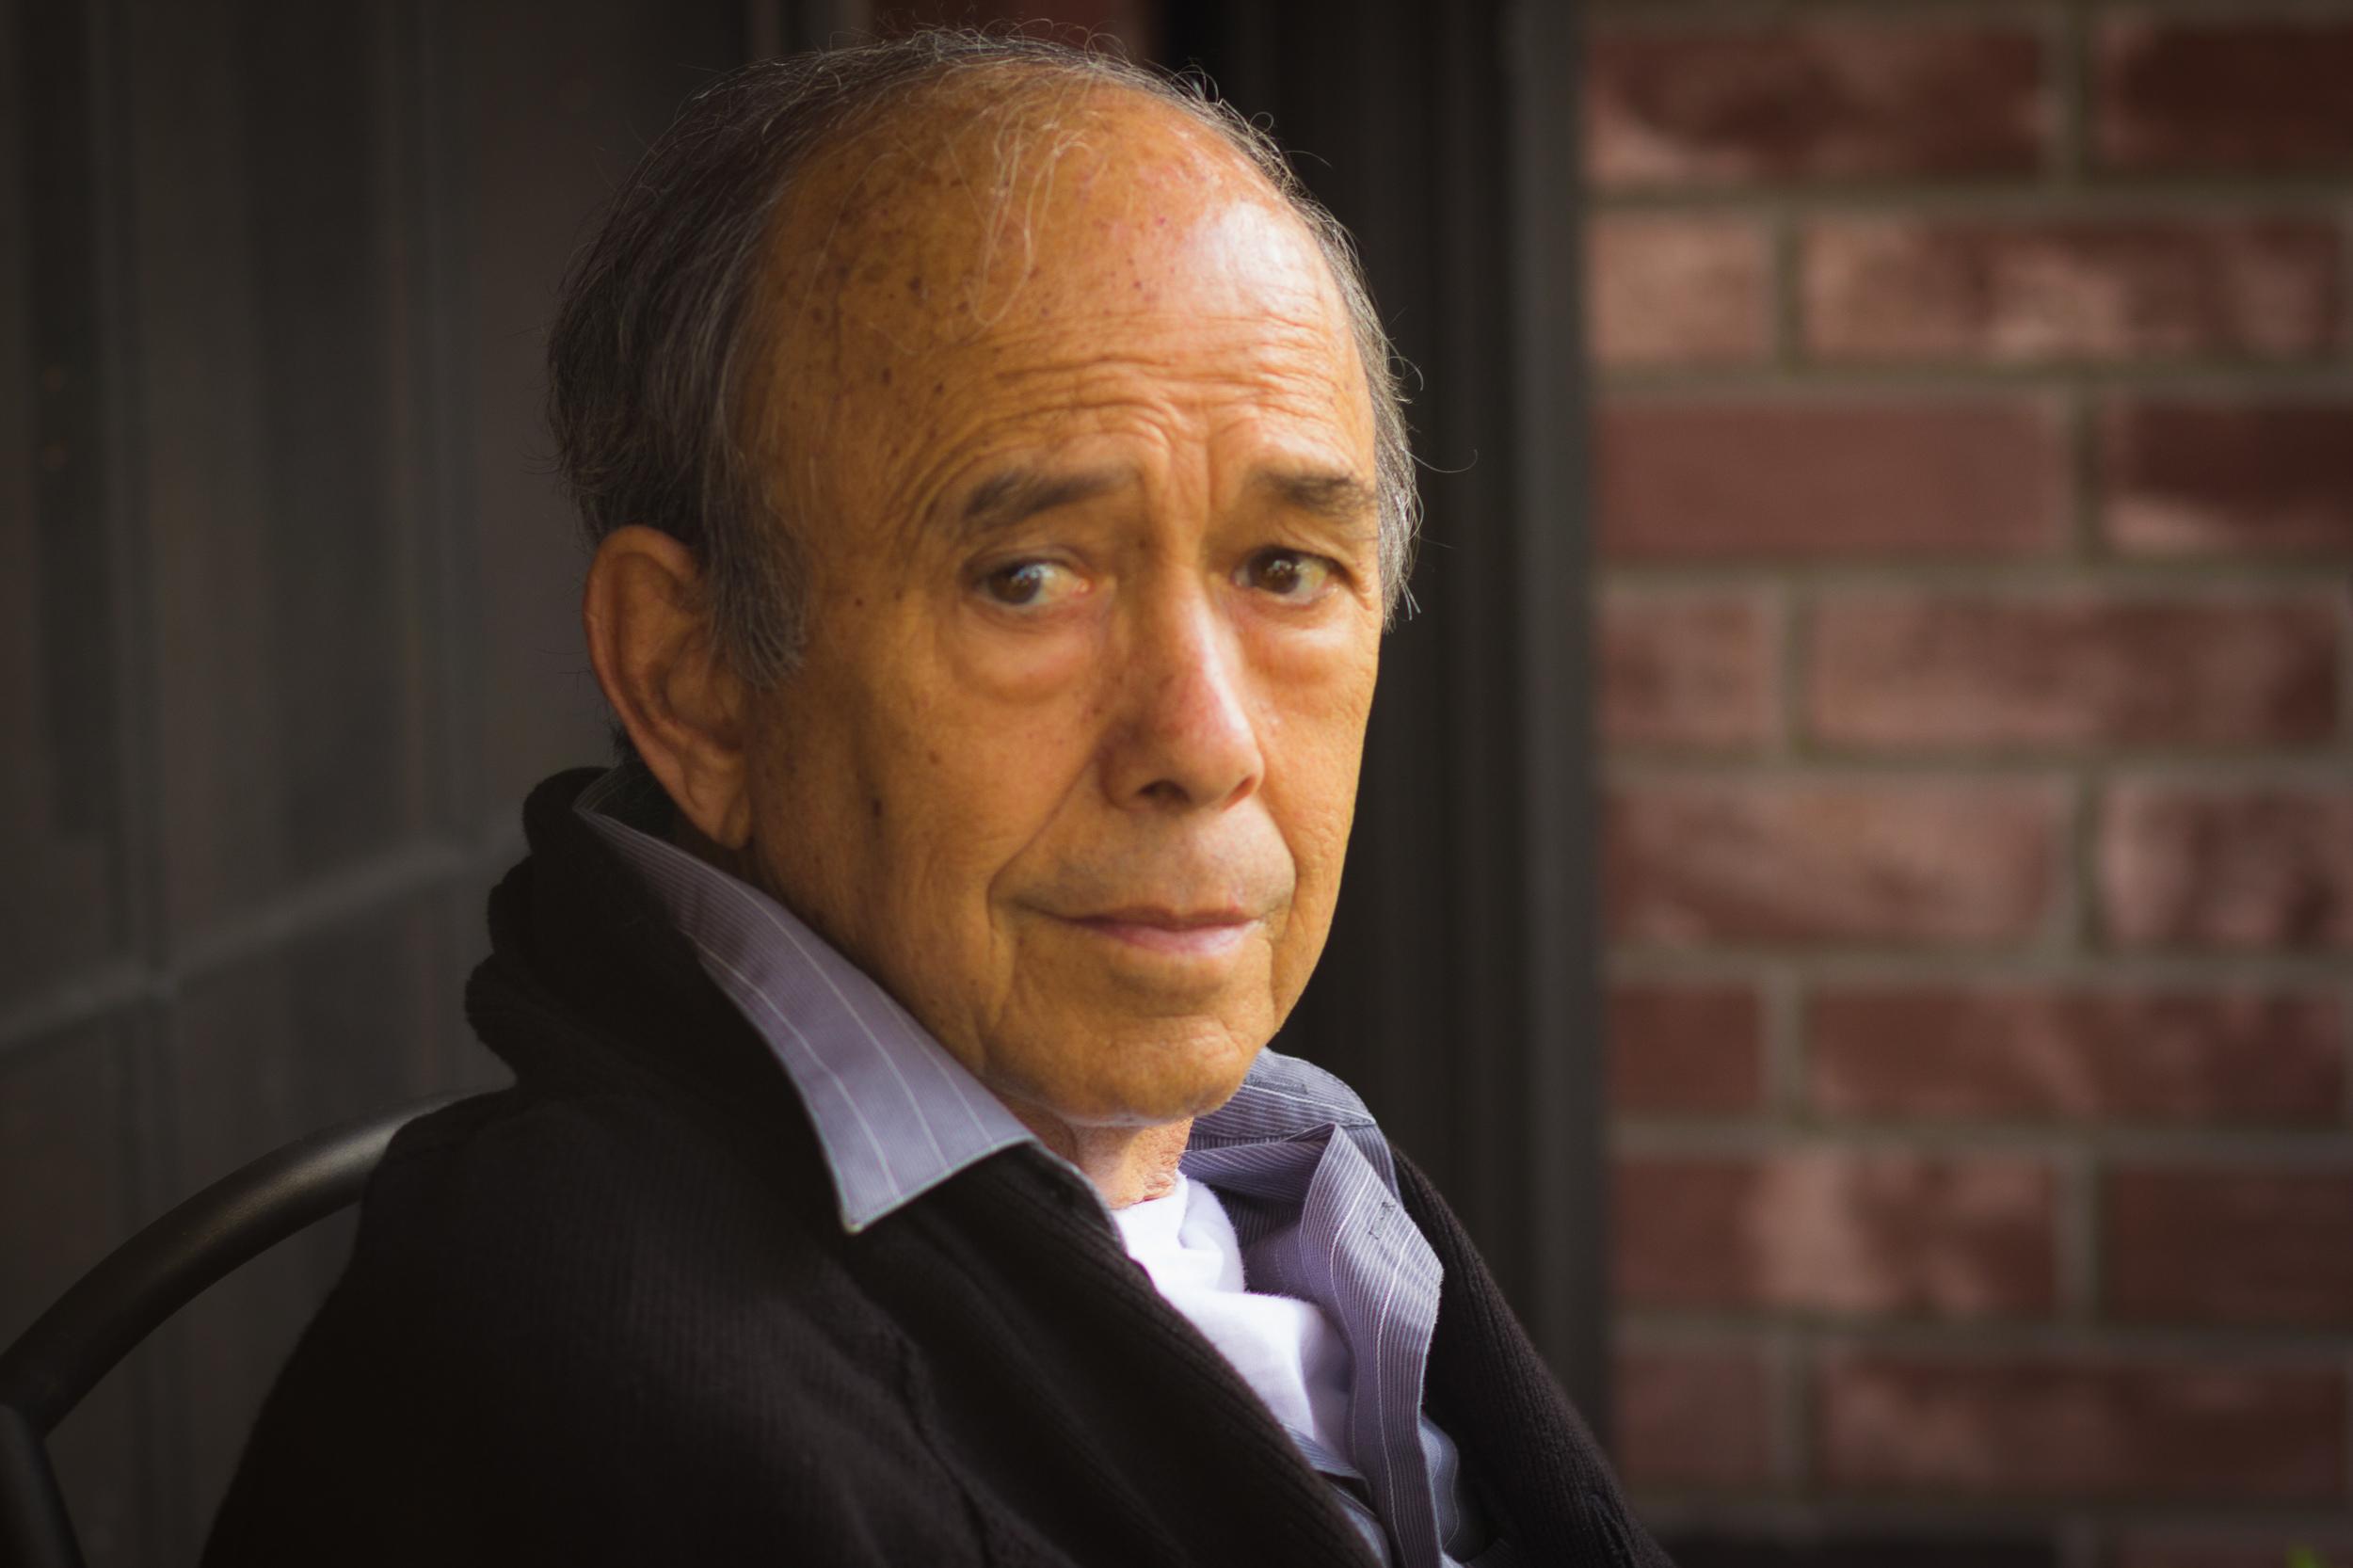 Anthony P. Giordano. January 23, 1940 - December 27, 2012